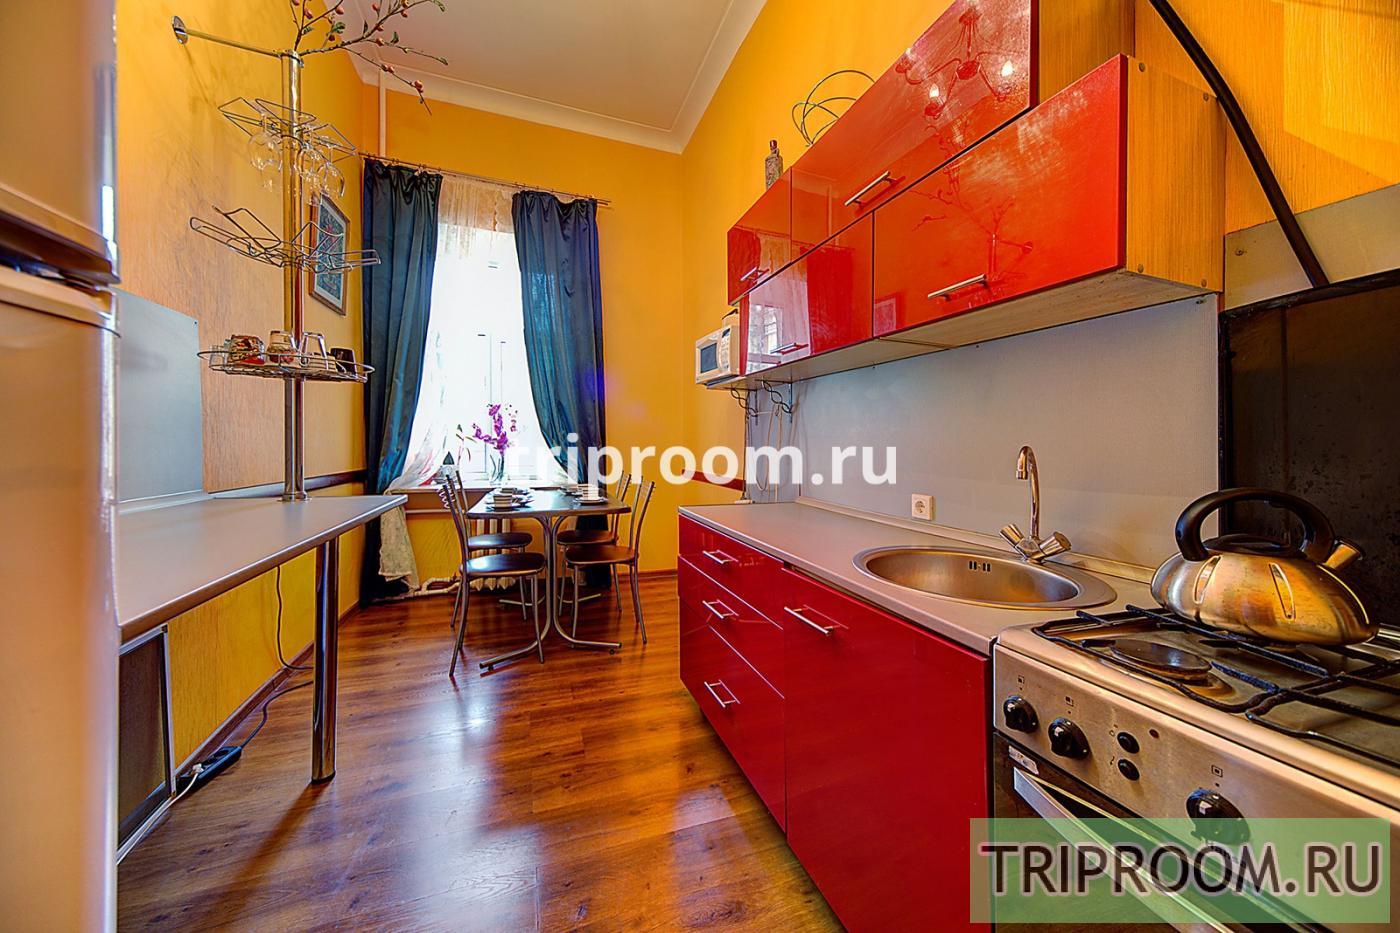 1-комнатная квартира посуточно (вариант № 15073), ул. Итальянская улица, фото № 6